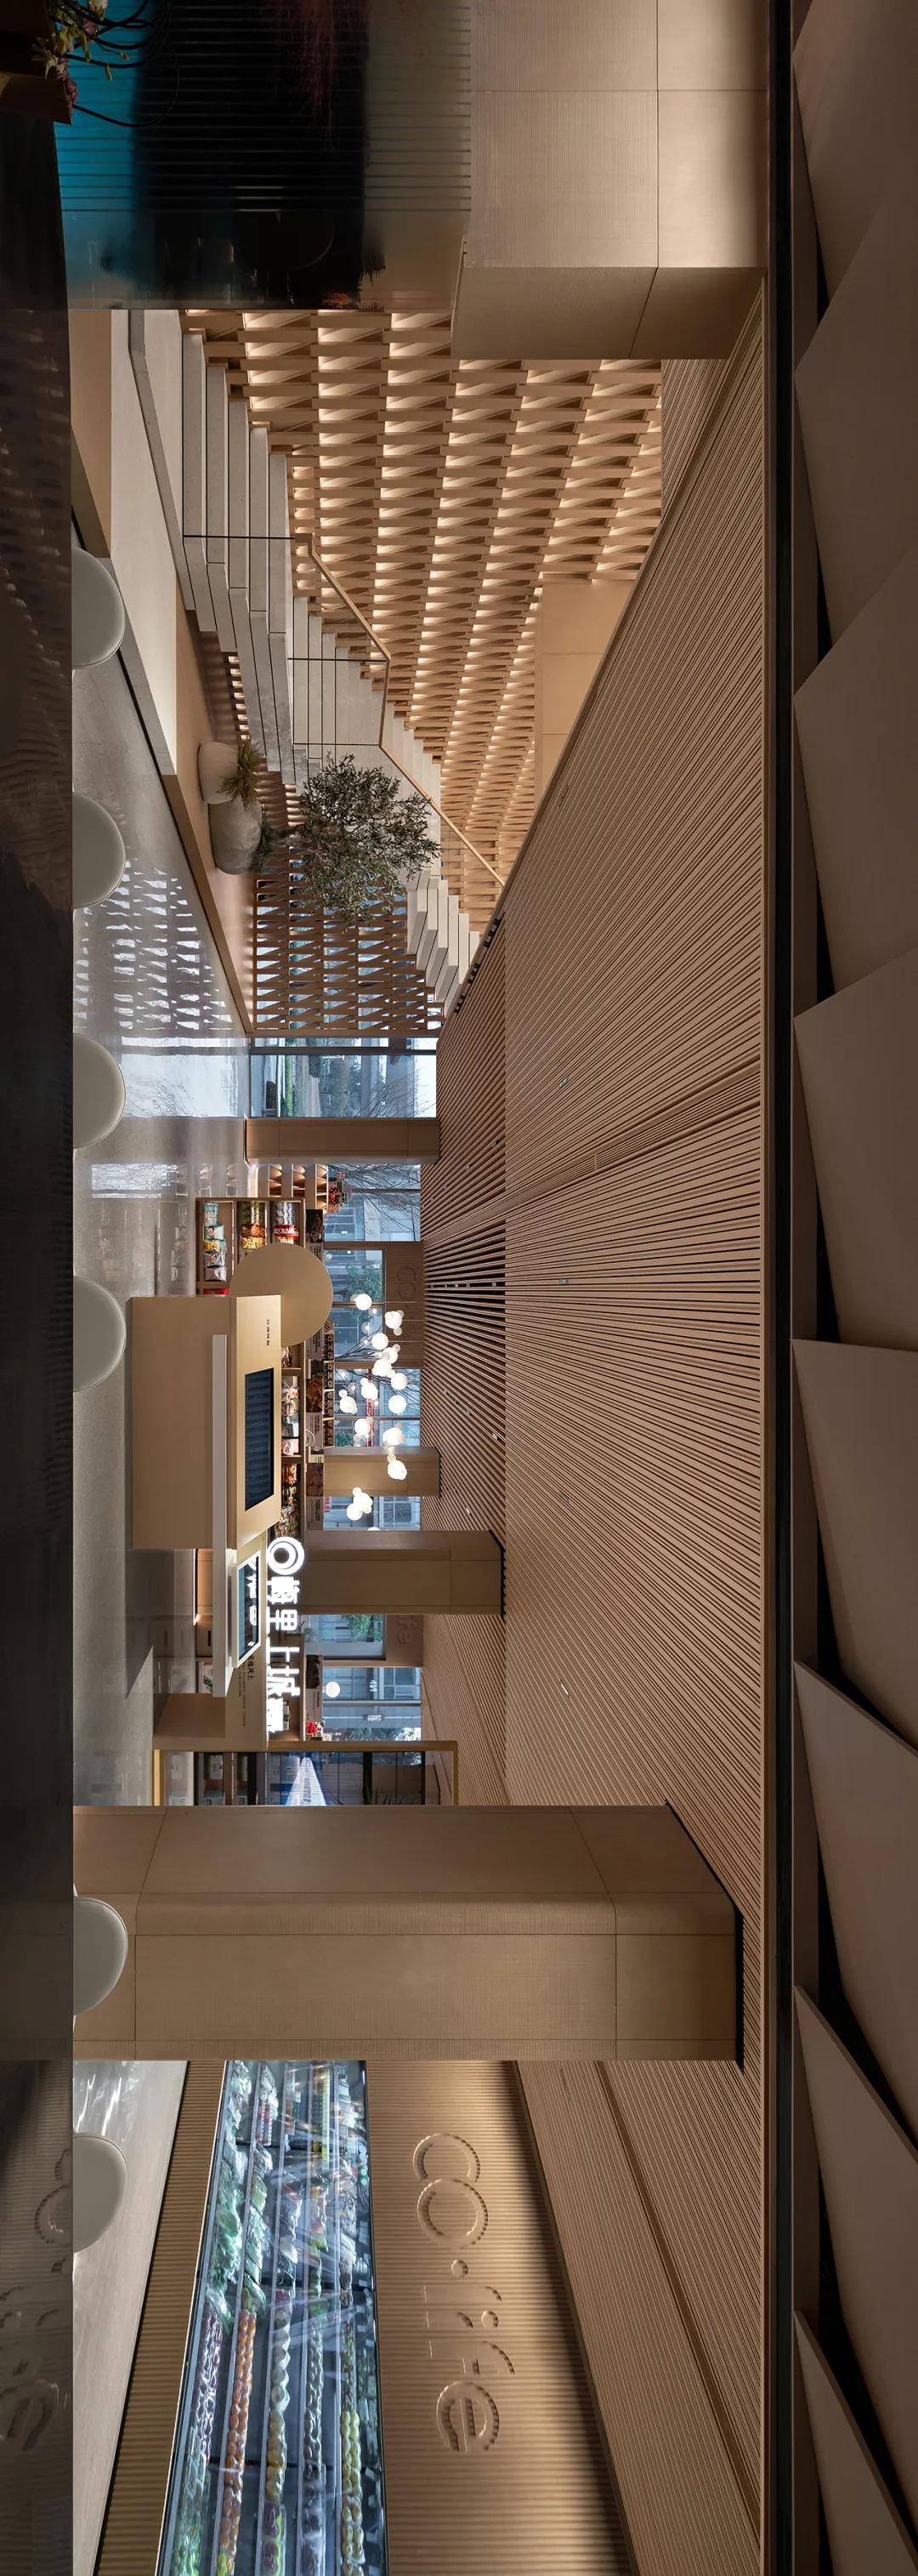 无锡万科·梅里上城CO-Life体验馆  室内设计 /  明德设计